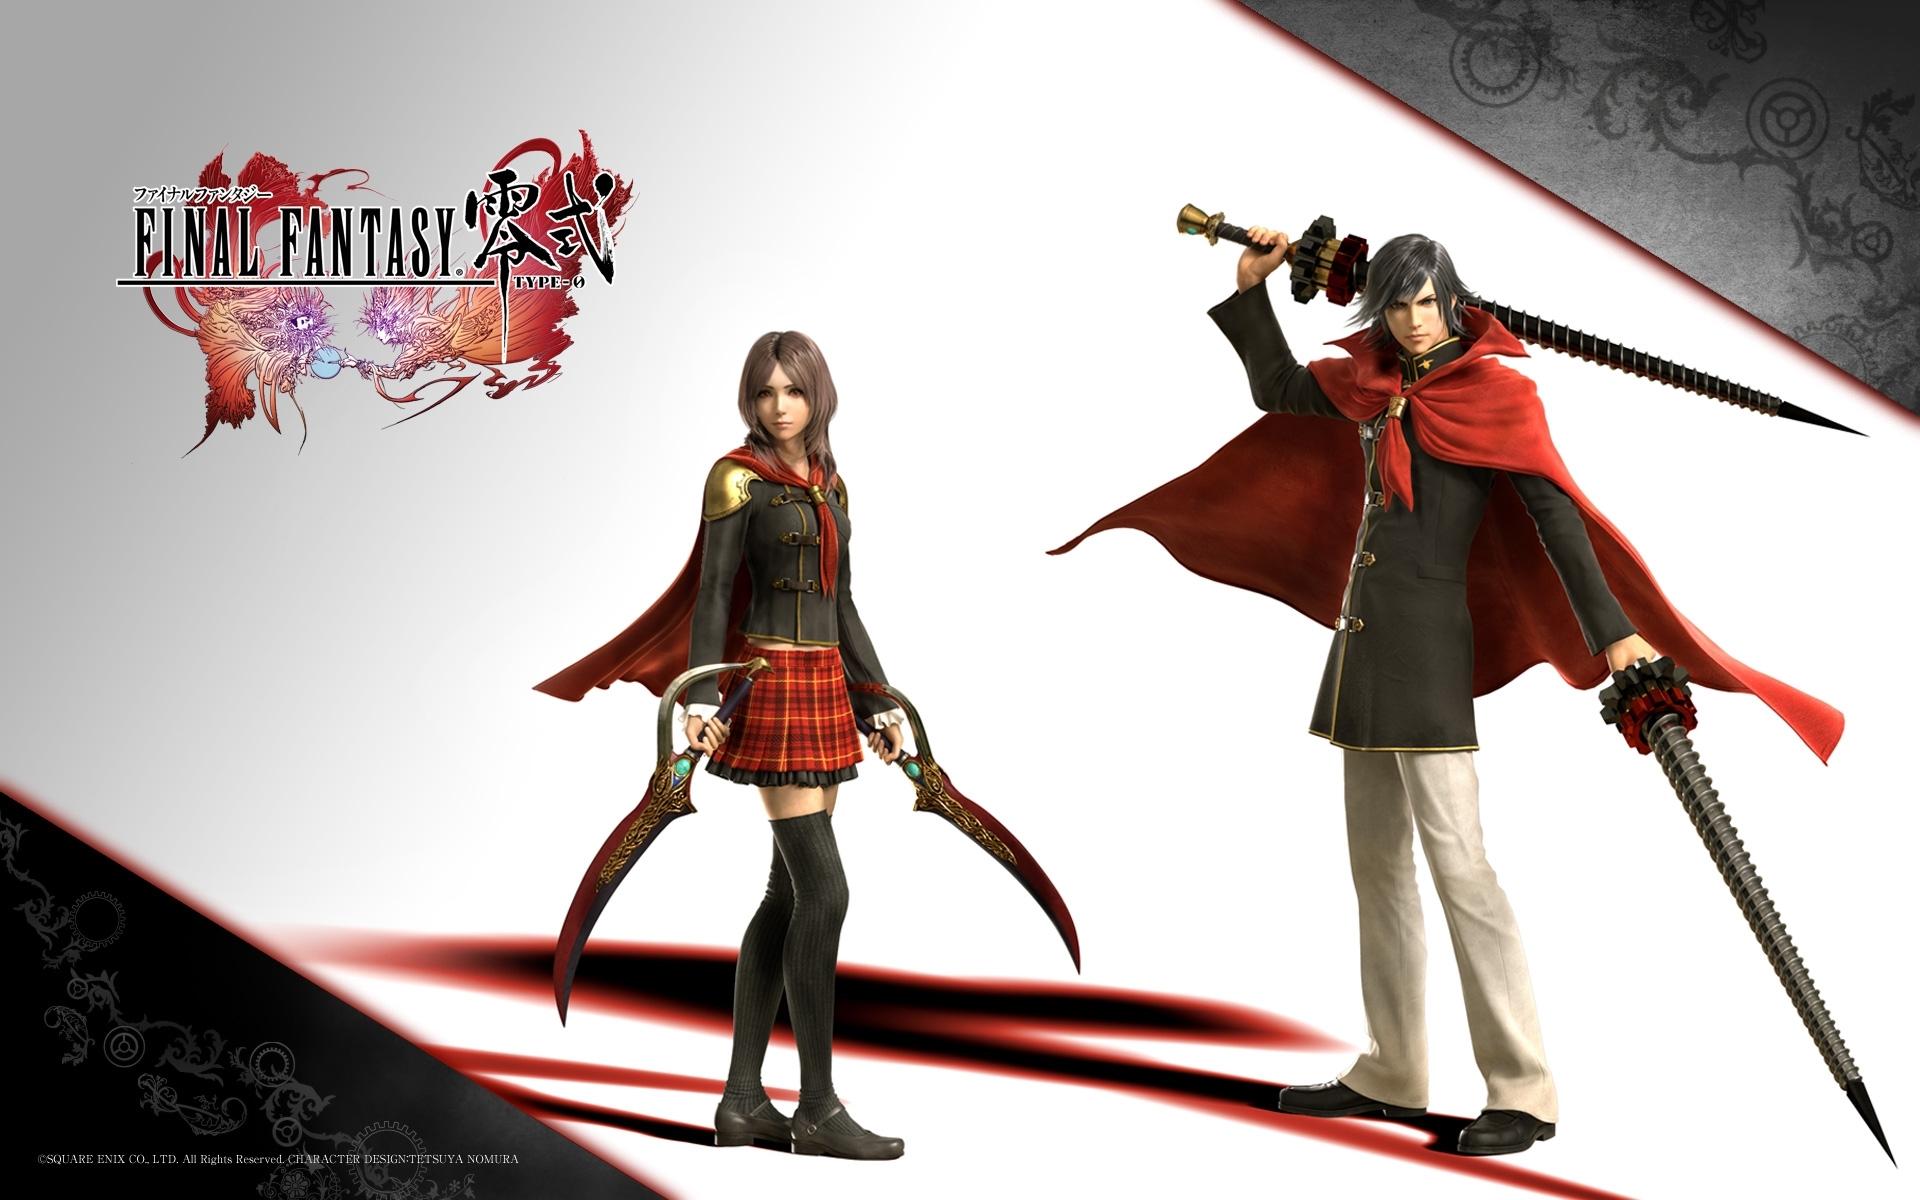 26821 Hintergrundbild herunterladen Spiele, Final Fantasy - Bildschirmschoner und Bilder kostenlos